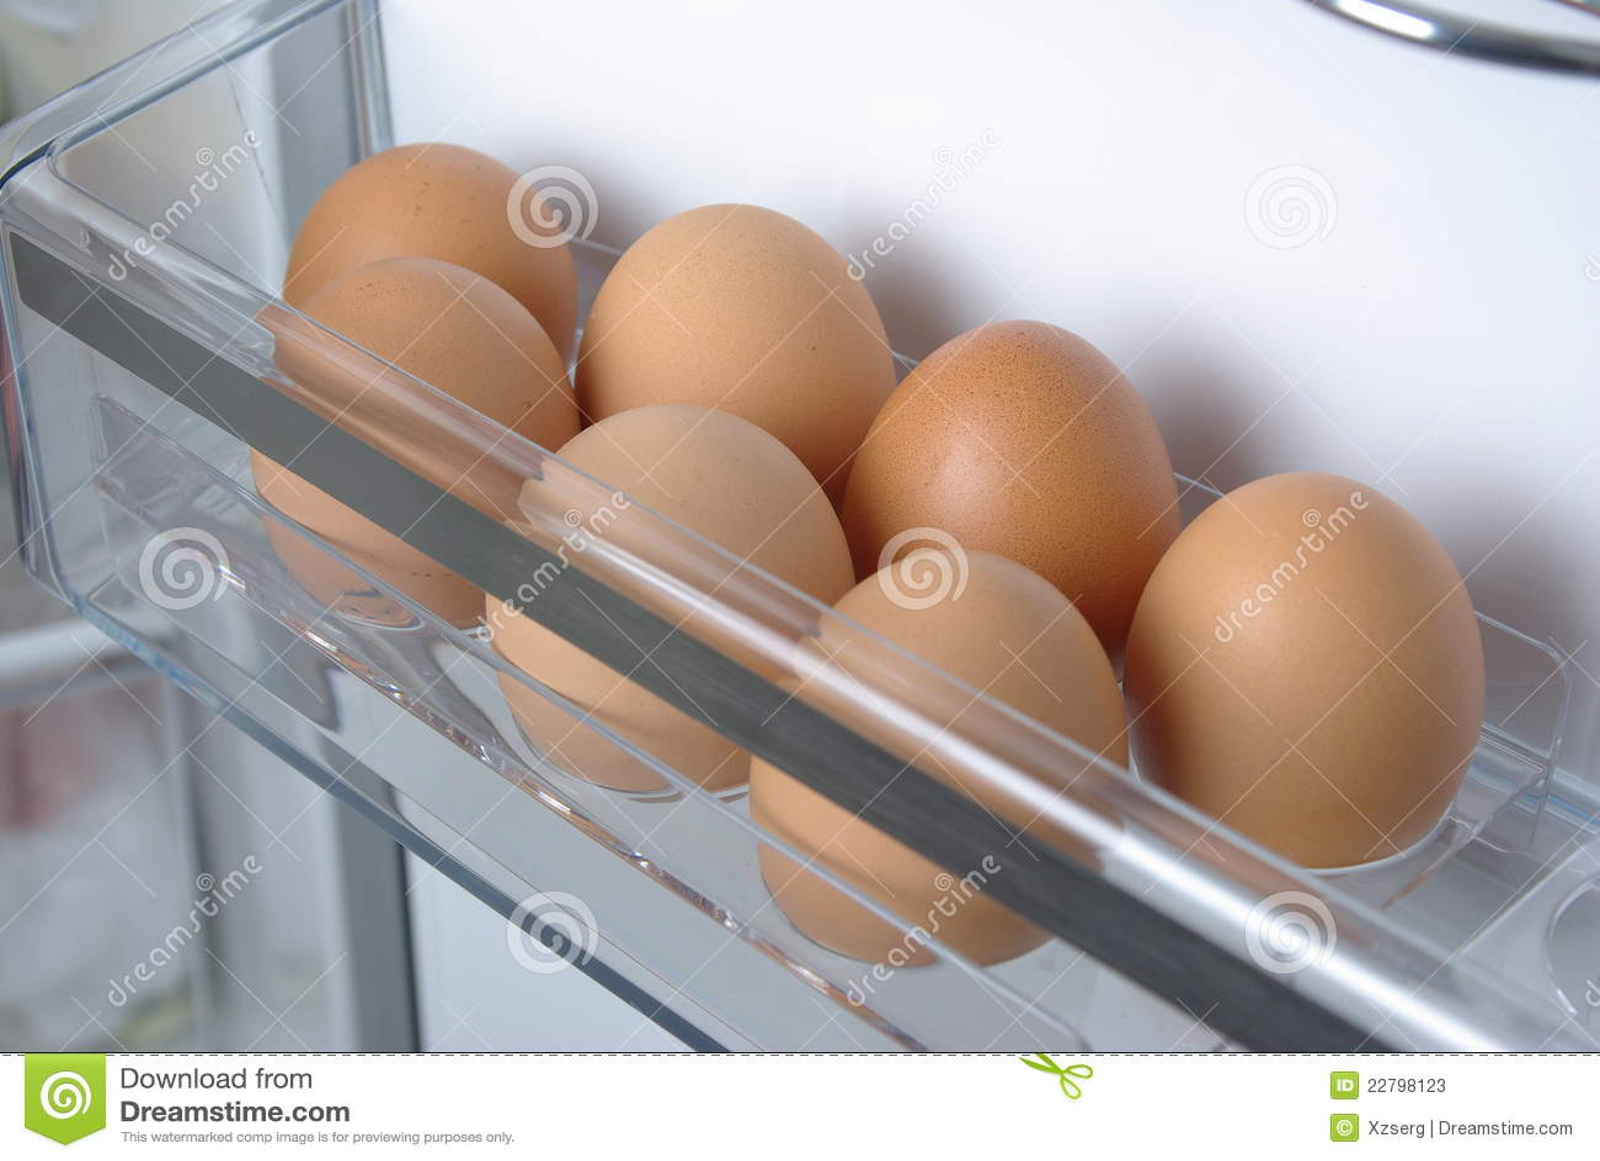 Uova del pollo nel frigorifero